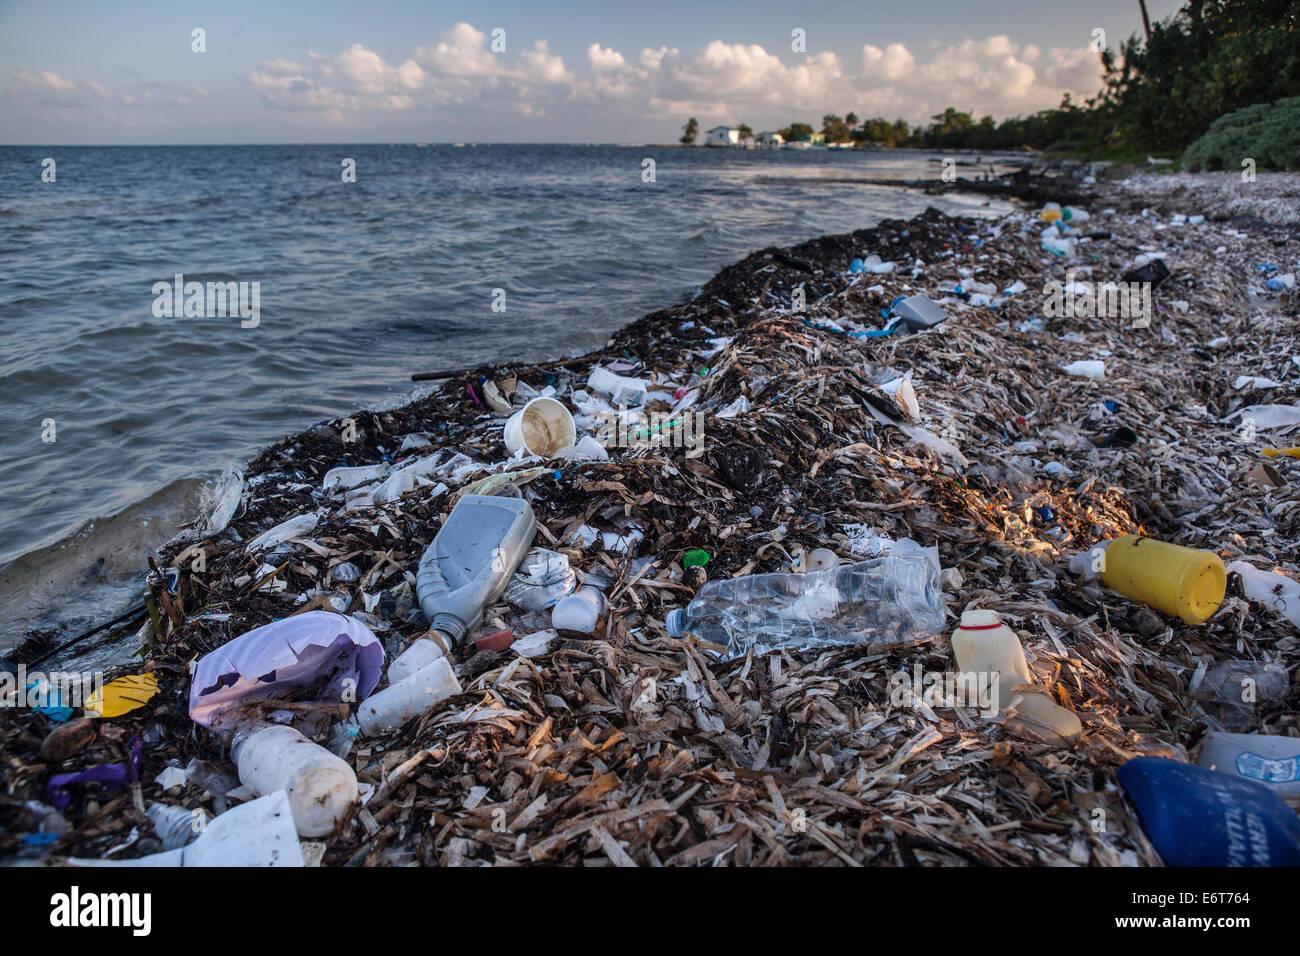 Plastikmüll angeschwemmt am Ufer, Turneffe Atoll, Karibik, Belize Stockbild